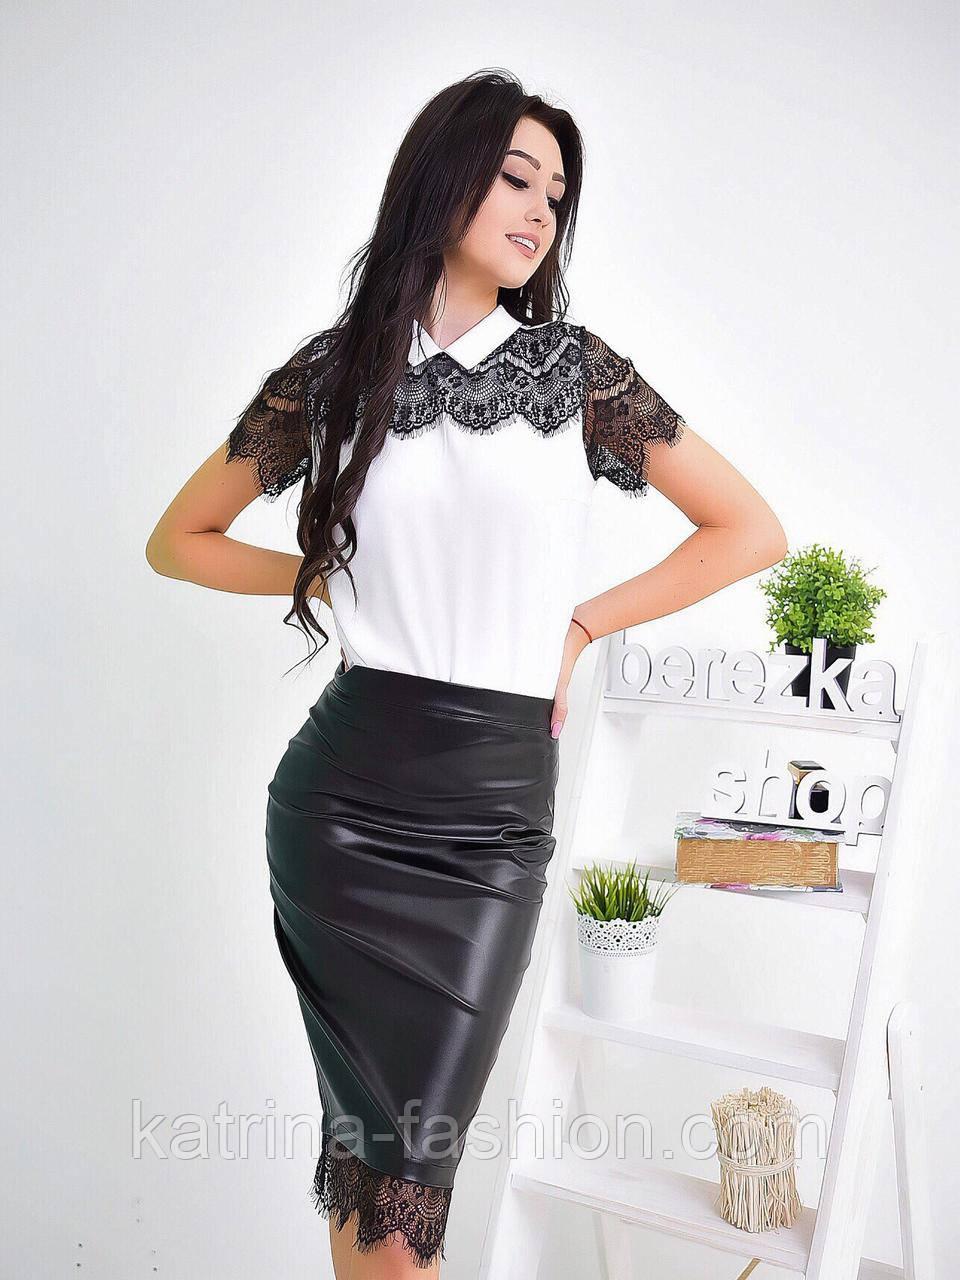 Женский комплект с кружевом: белая блуза и юбка-карандаш из эко-кожи (или отдельно)